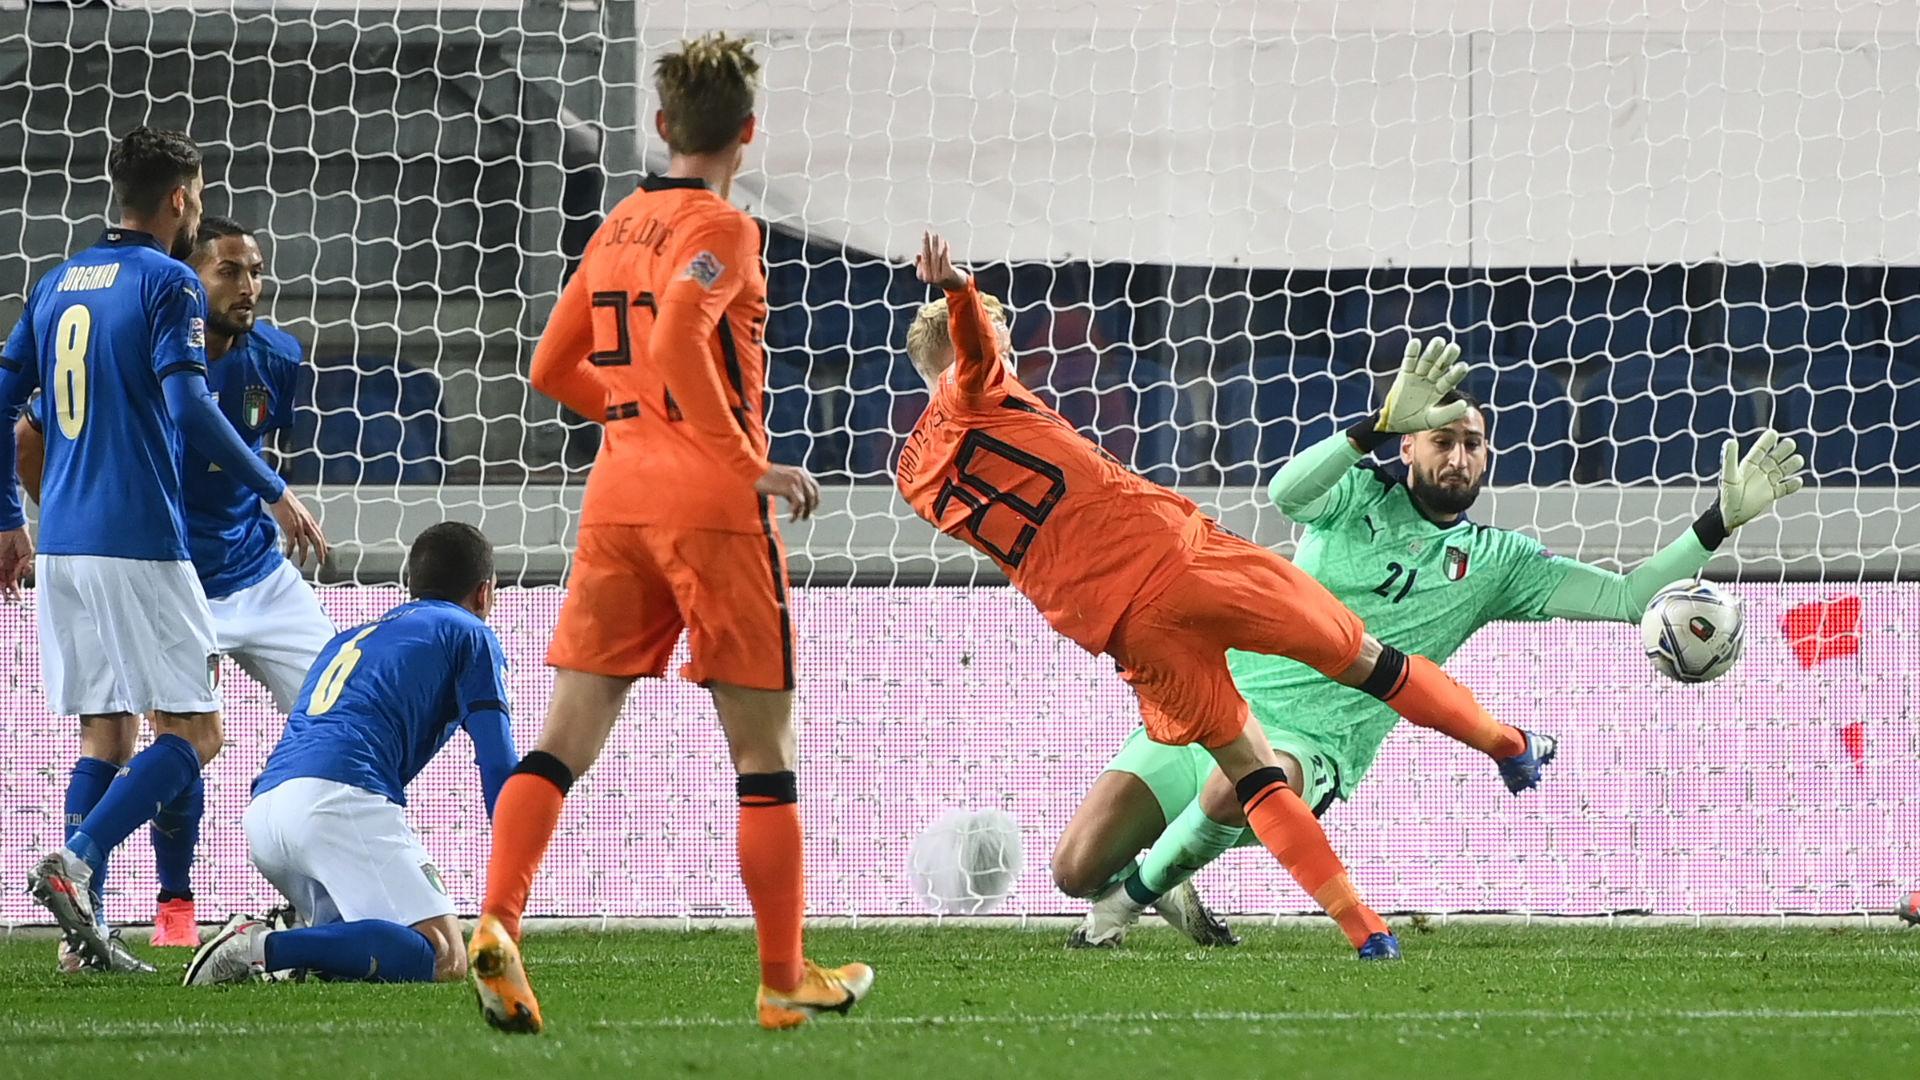 Italy 1-1 Netherlands: Van de Beek off the mark but Poland go top